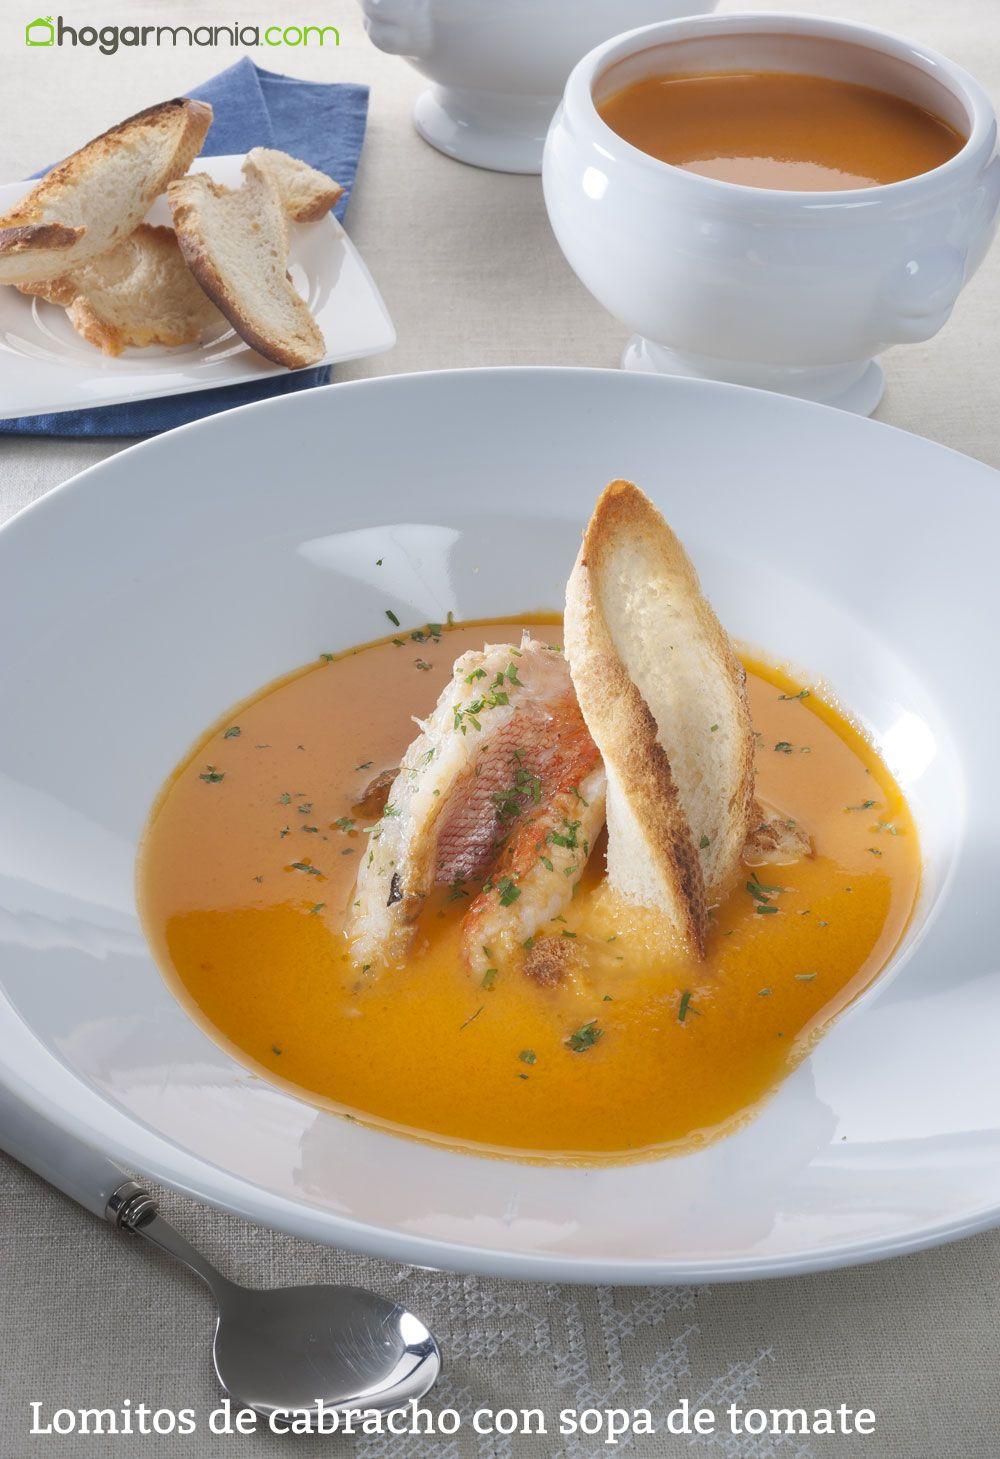 Lomitos de cabracho con sopa de tomate